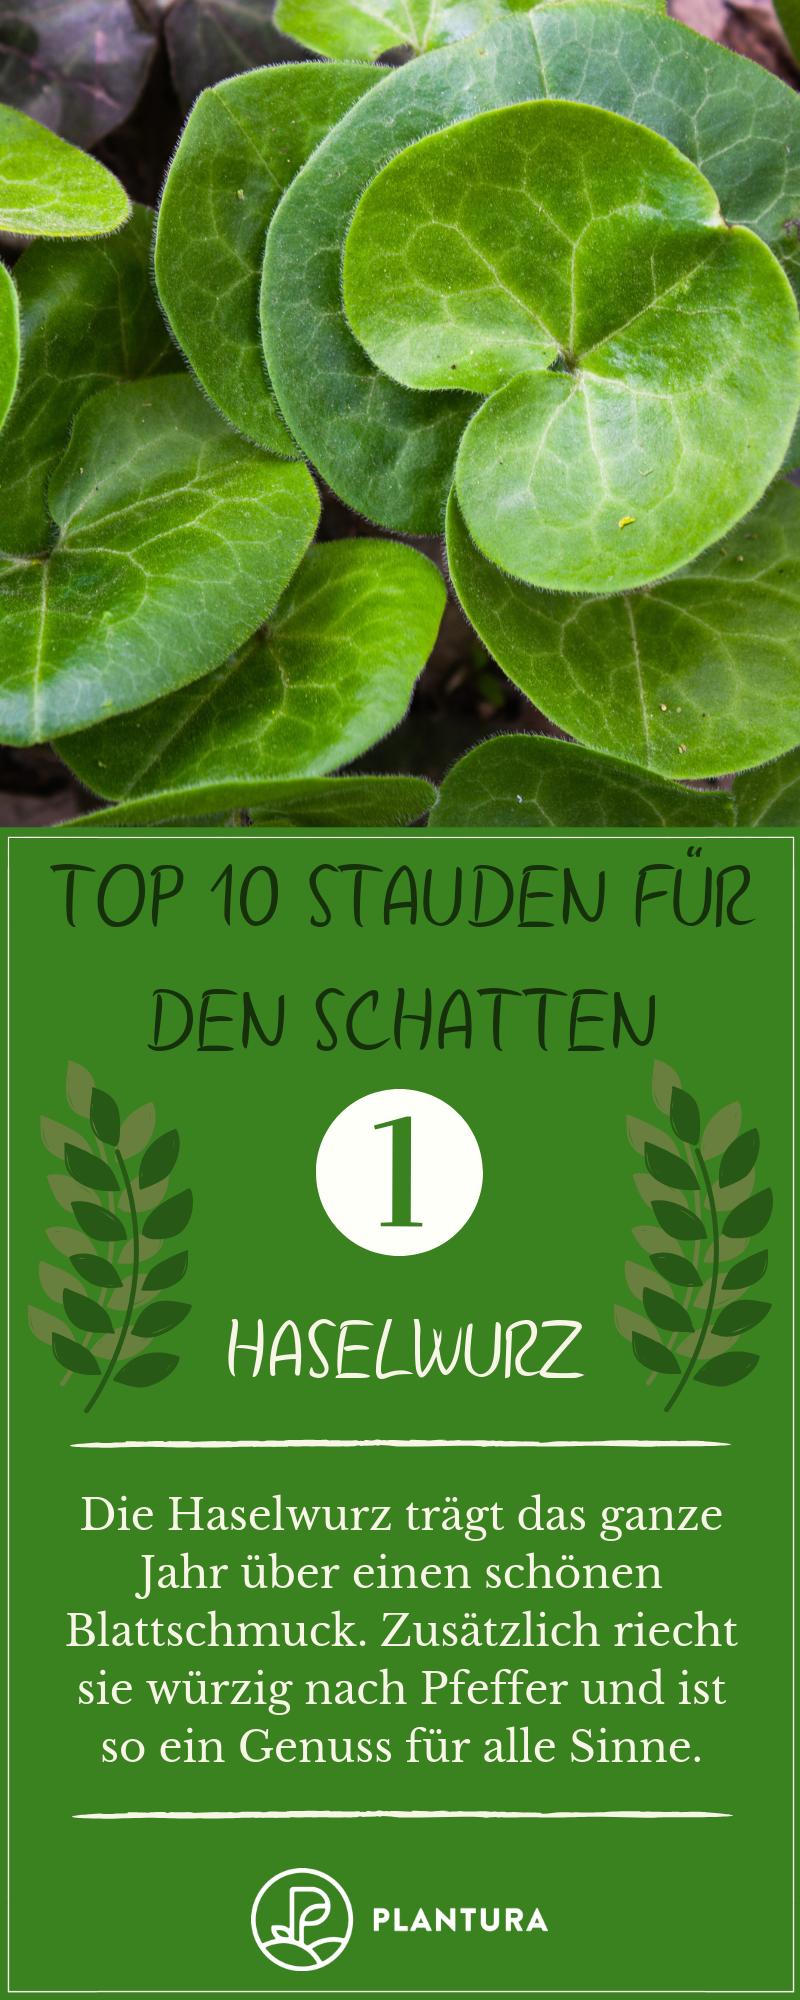 stauden f r den schatten unsere top 10 garten garden. Black Bedroom Furniture Sets. Home Design Ideas